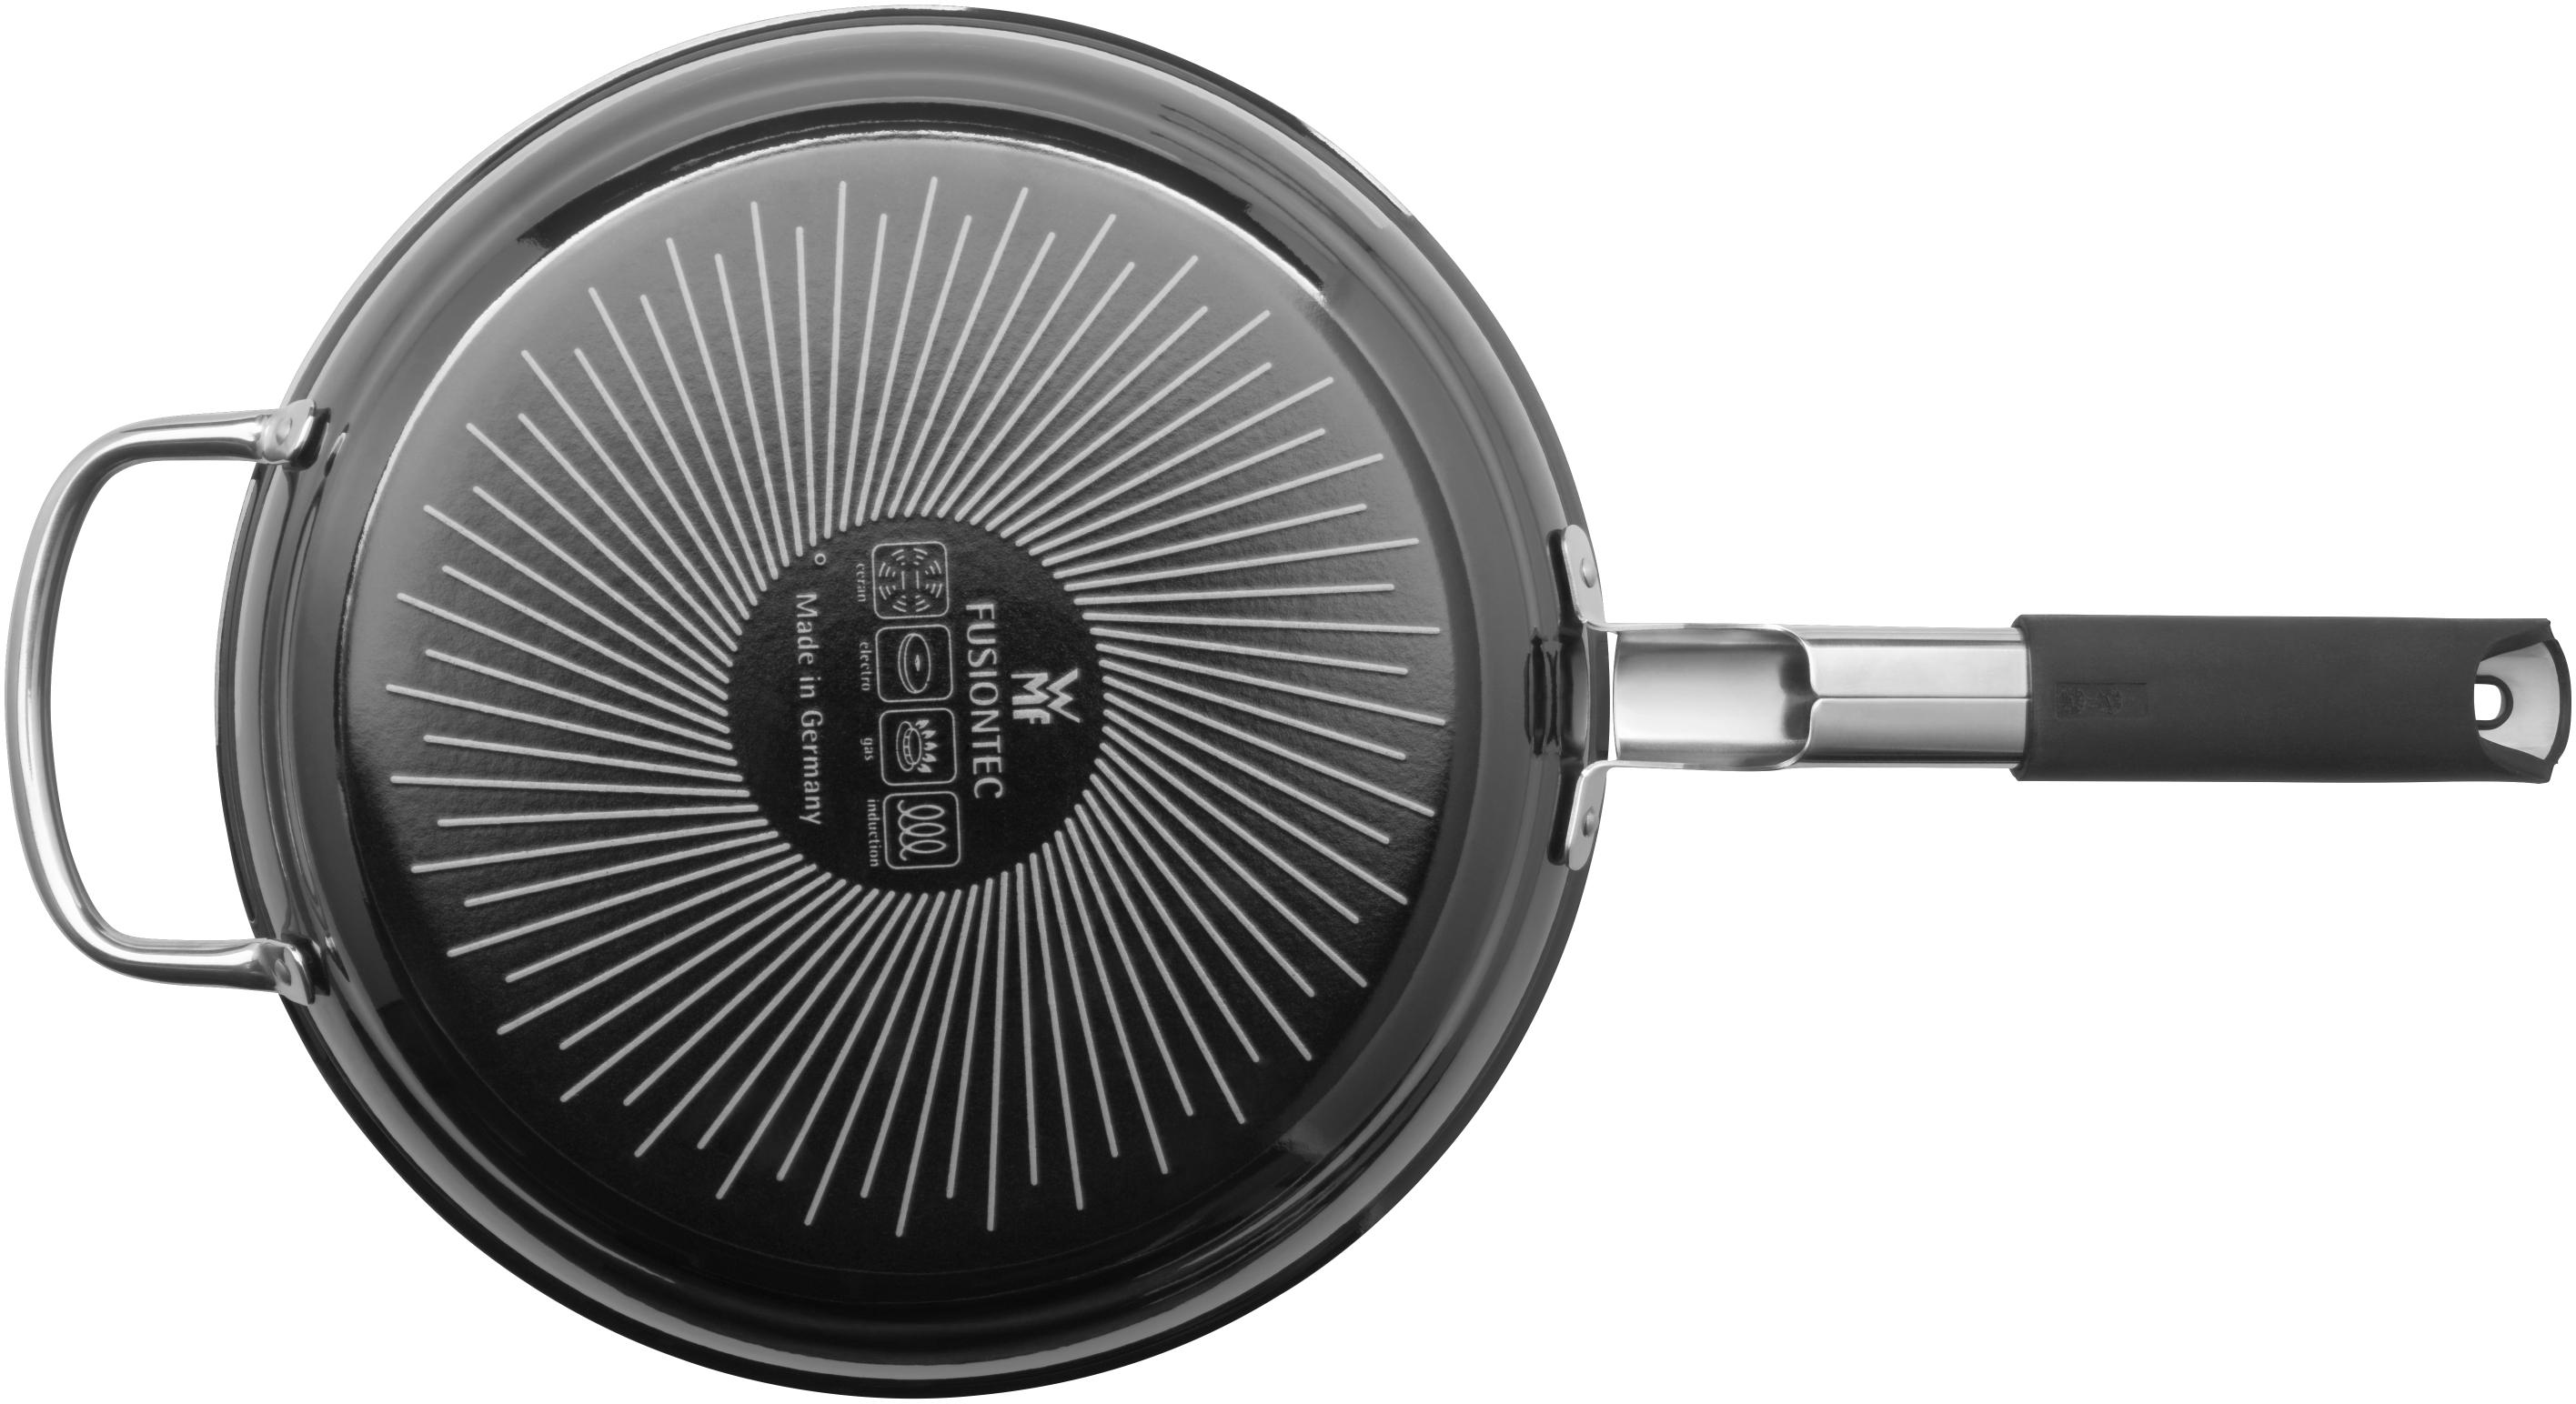 WMF Fusiontec Tava Platinum Gri - 28 cm